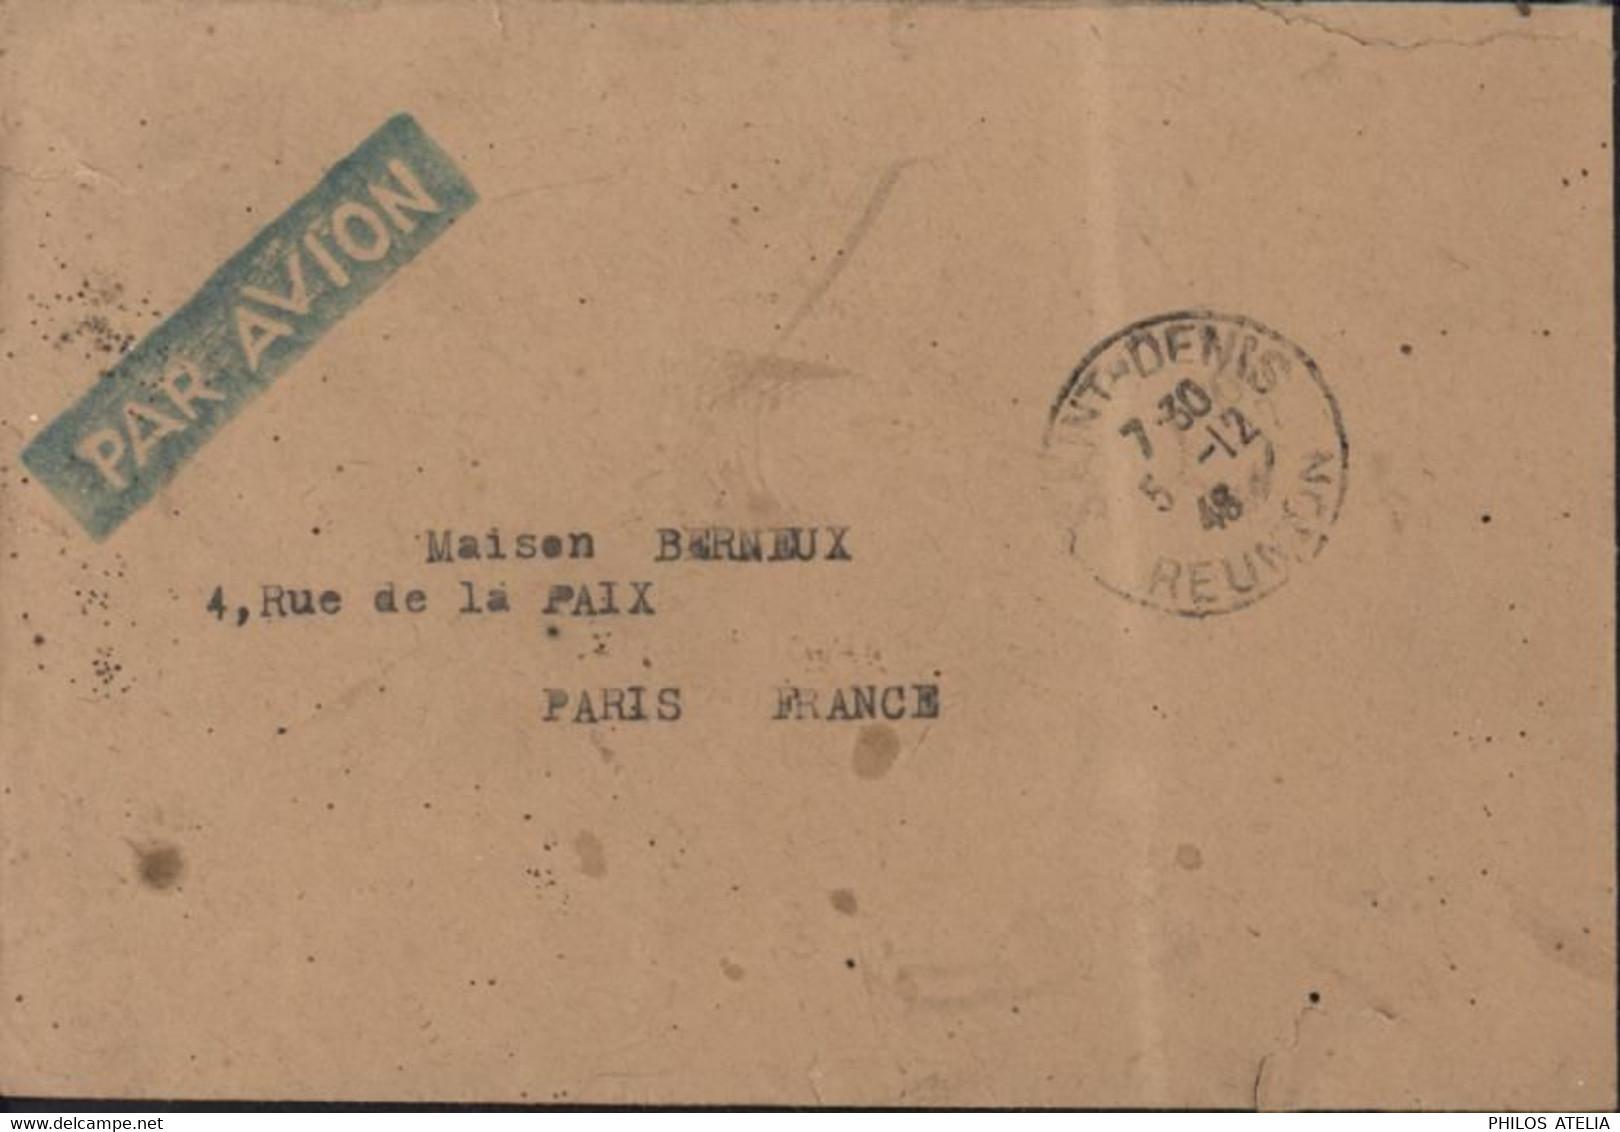 CAD St Denis Réunion 5 12 46 YT France Libre Réunion N°243 + 245 Par Avion - Covers & Documents